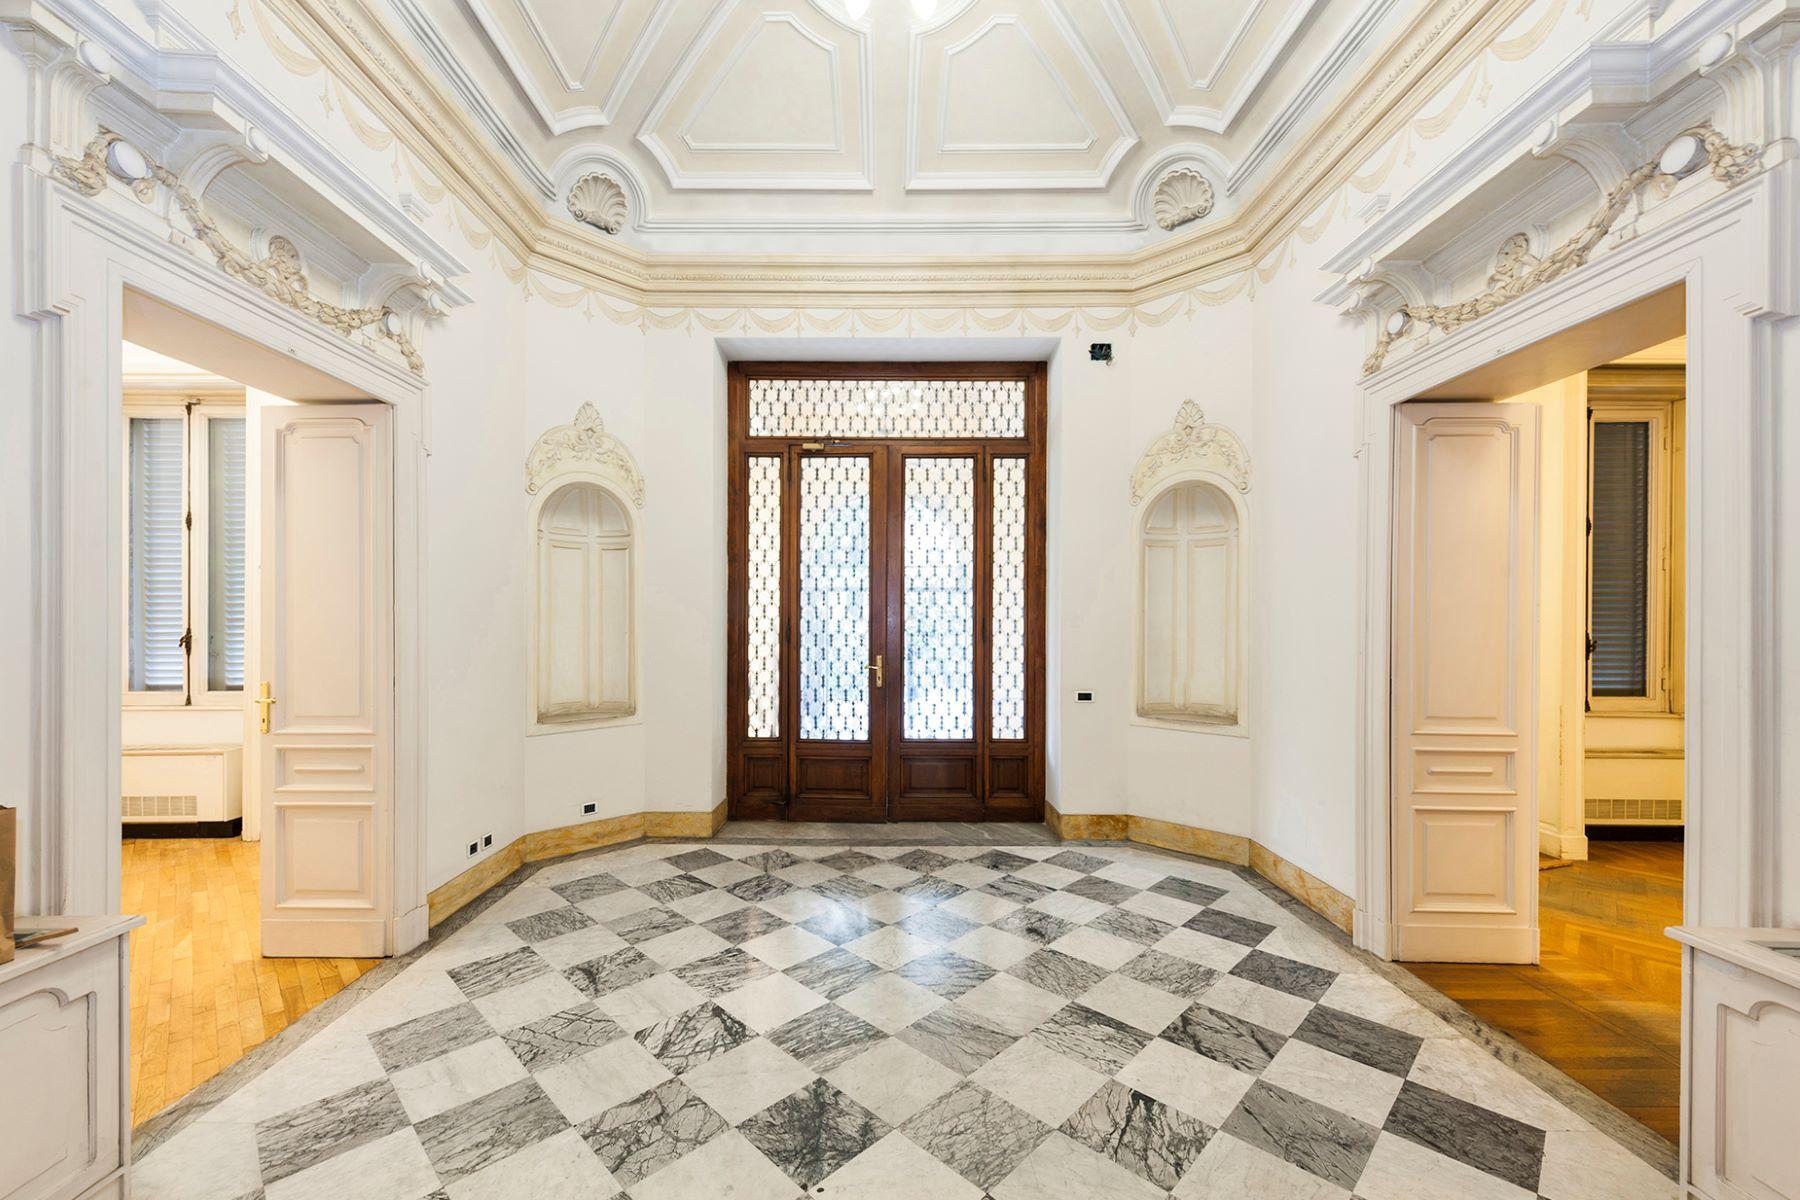 Additional photo for property listing at Majestic Art Deco Villa in Rome's City Center Via Piemonte Rome, Roma 00187 Italia